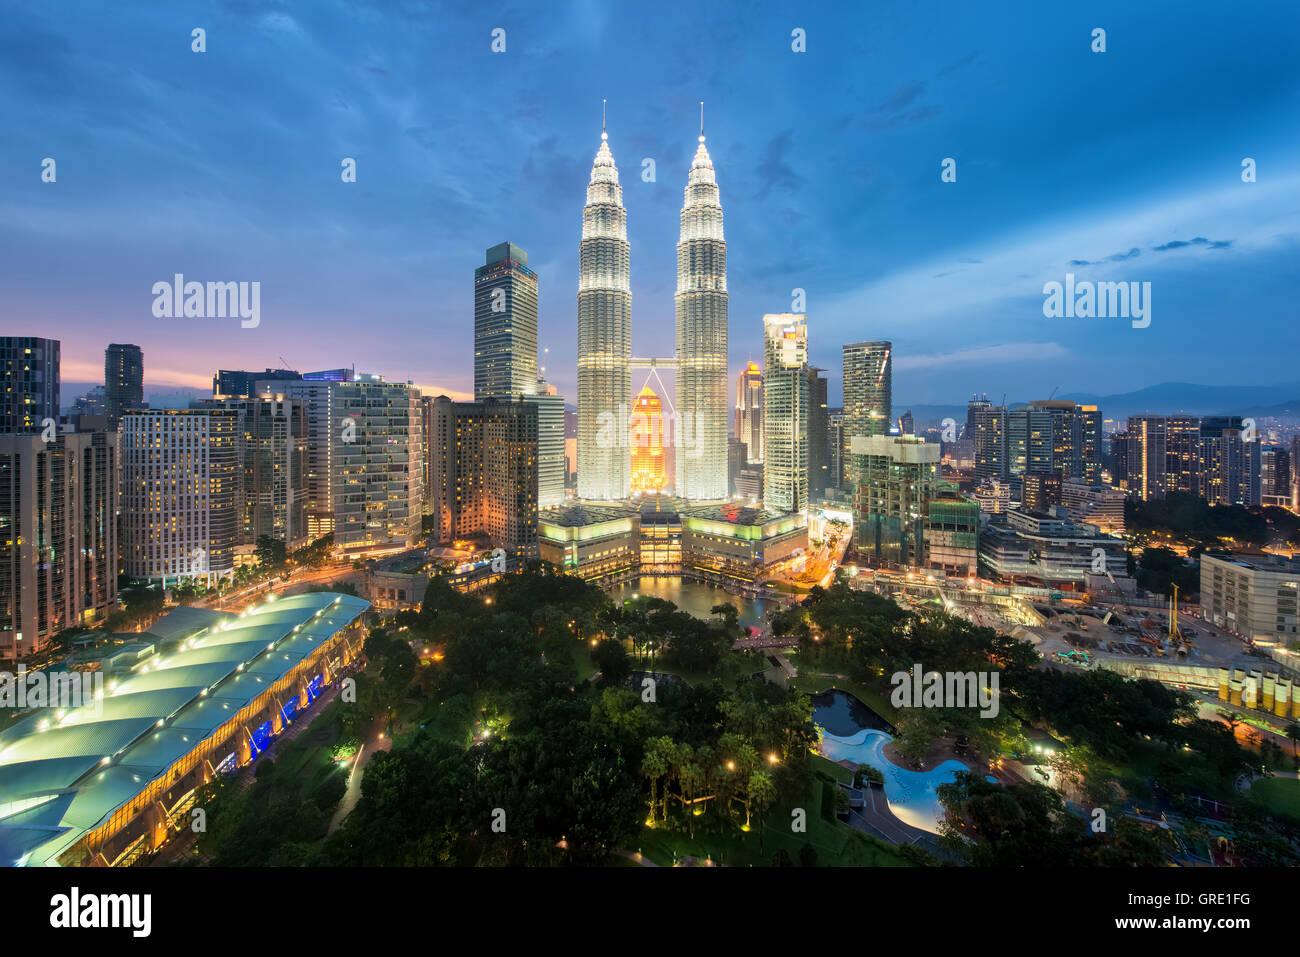 Kuala Lumpur skyline et gratte-ciel de nuit à Kuala Lumpur, Malaisie. Photo Stock